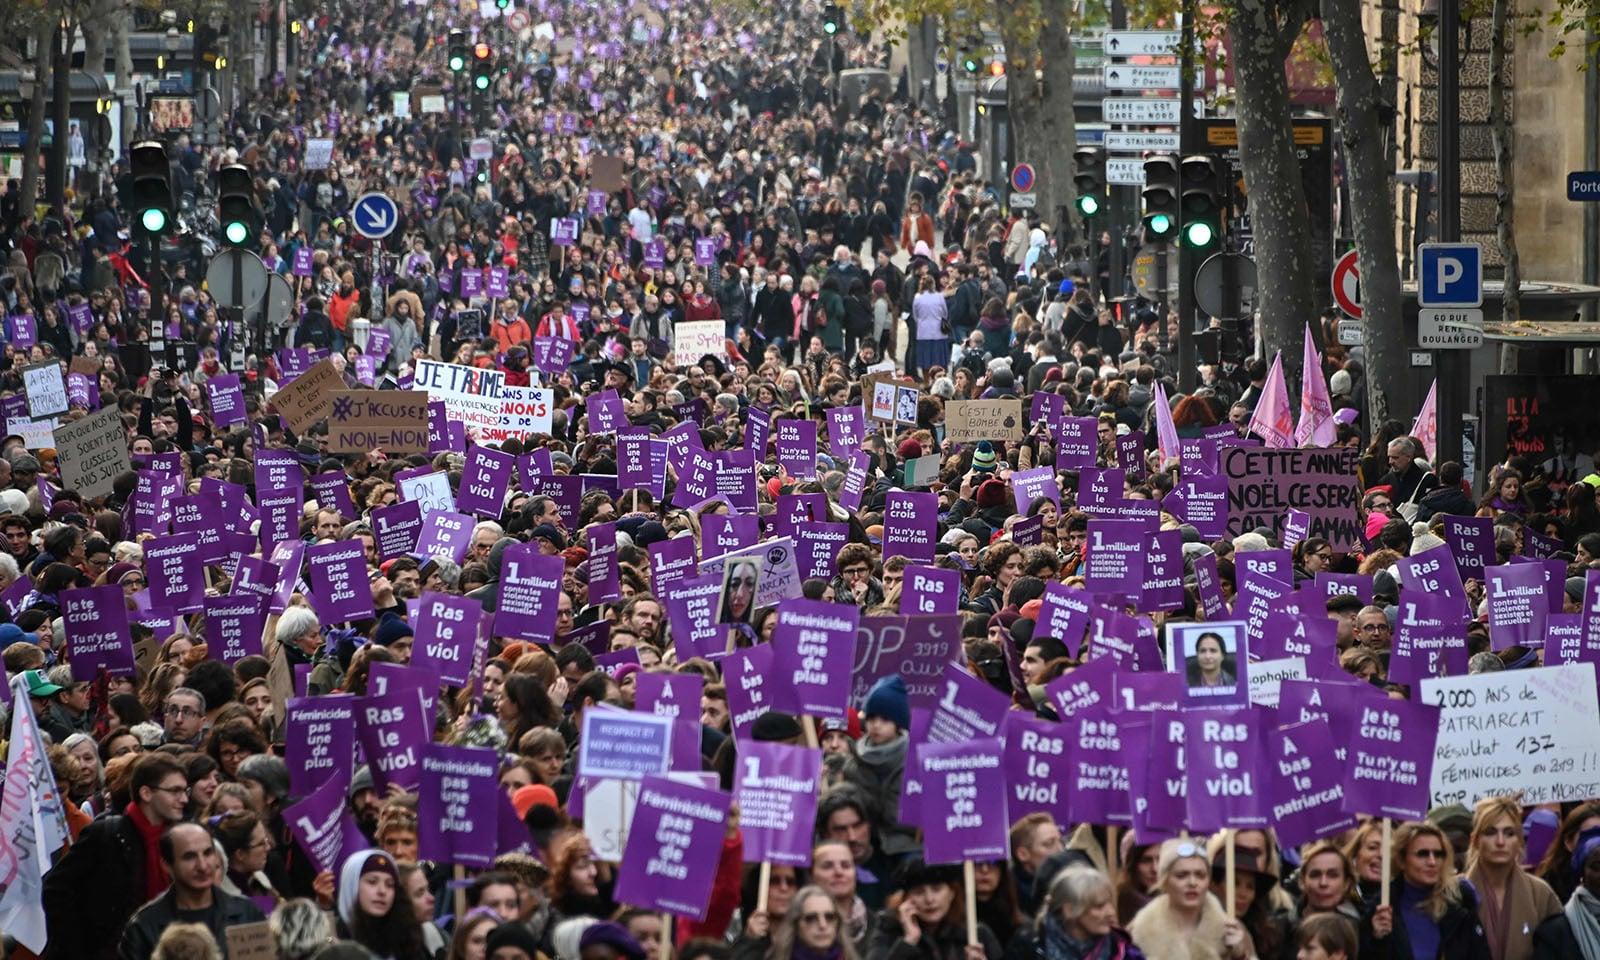 فرانس میں ہونے والے مظاہروں میں لاکھوں خواتین سمیت مردوں کی بھی بڑی تعداد نے شرکت کی — فوٹو: اے ایف پی